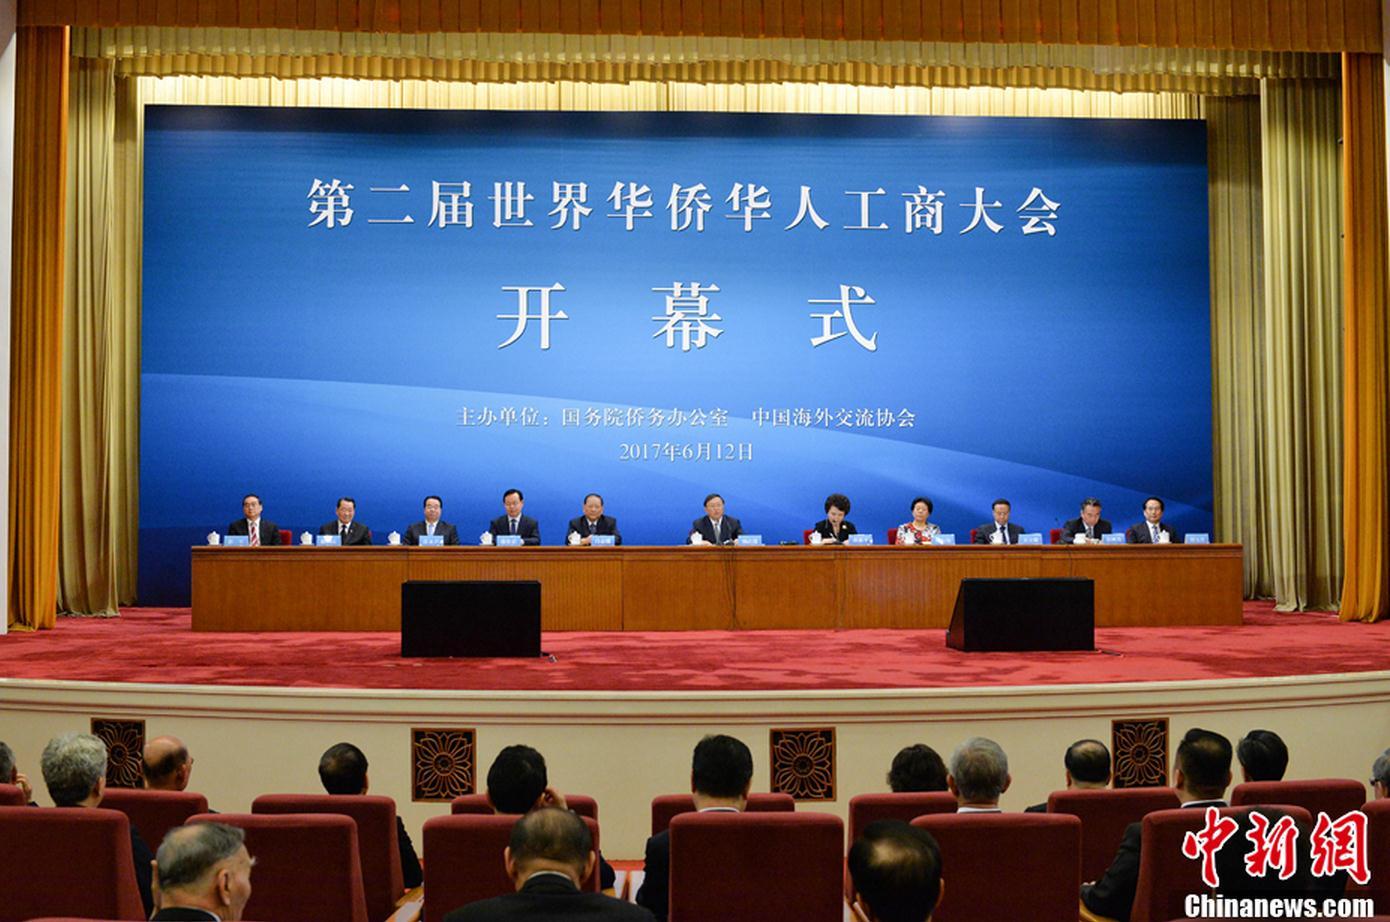 第二届世界华侨华人工商大会在北京开幕